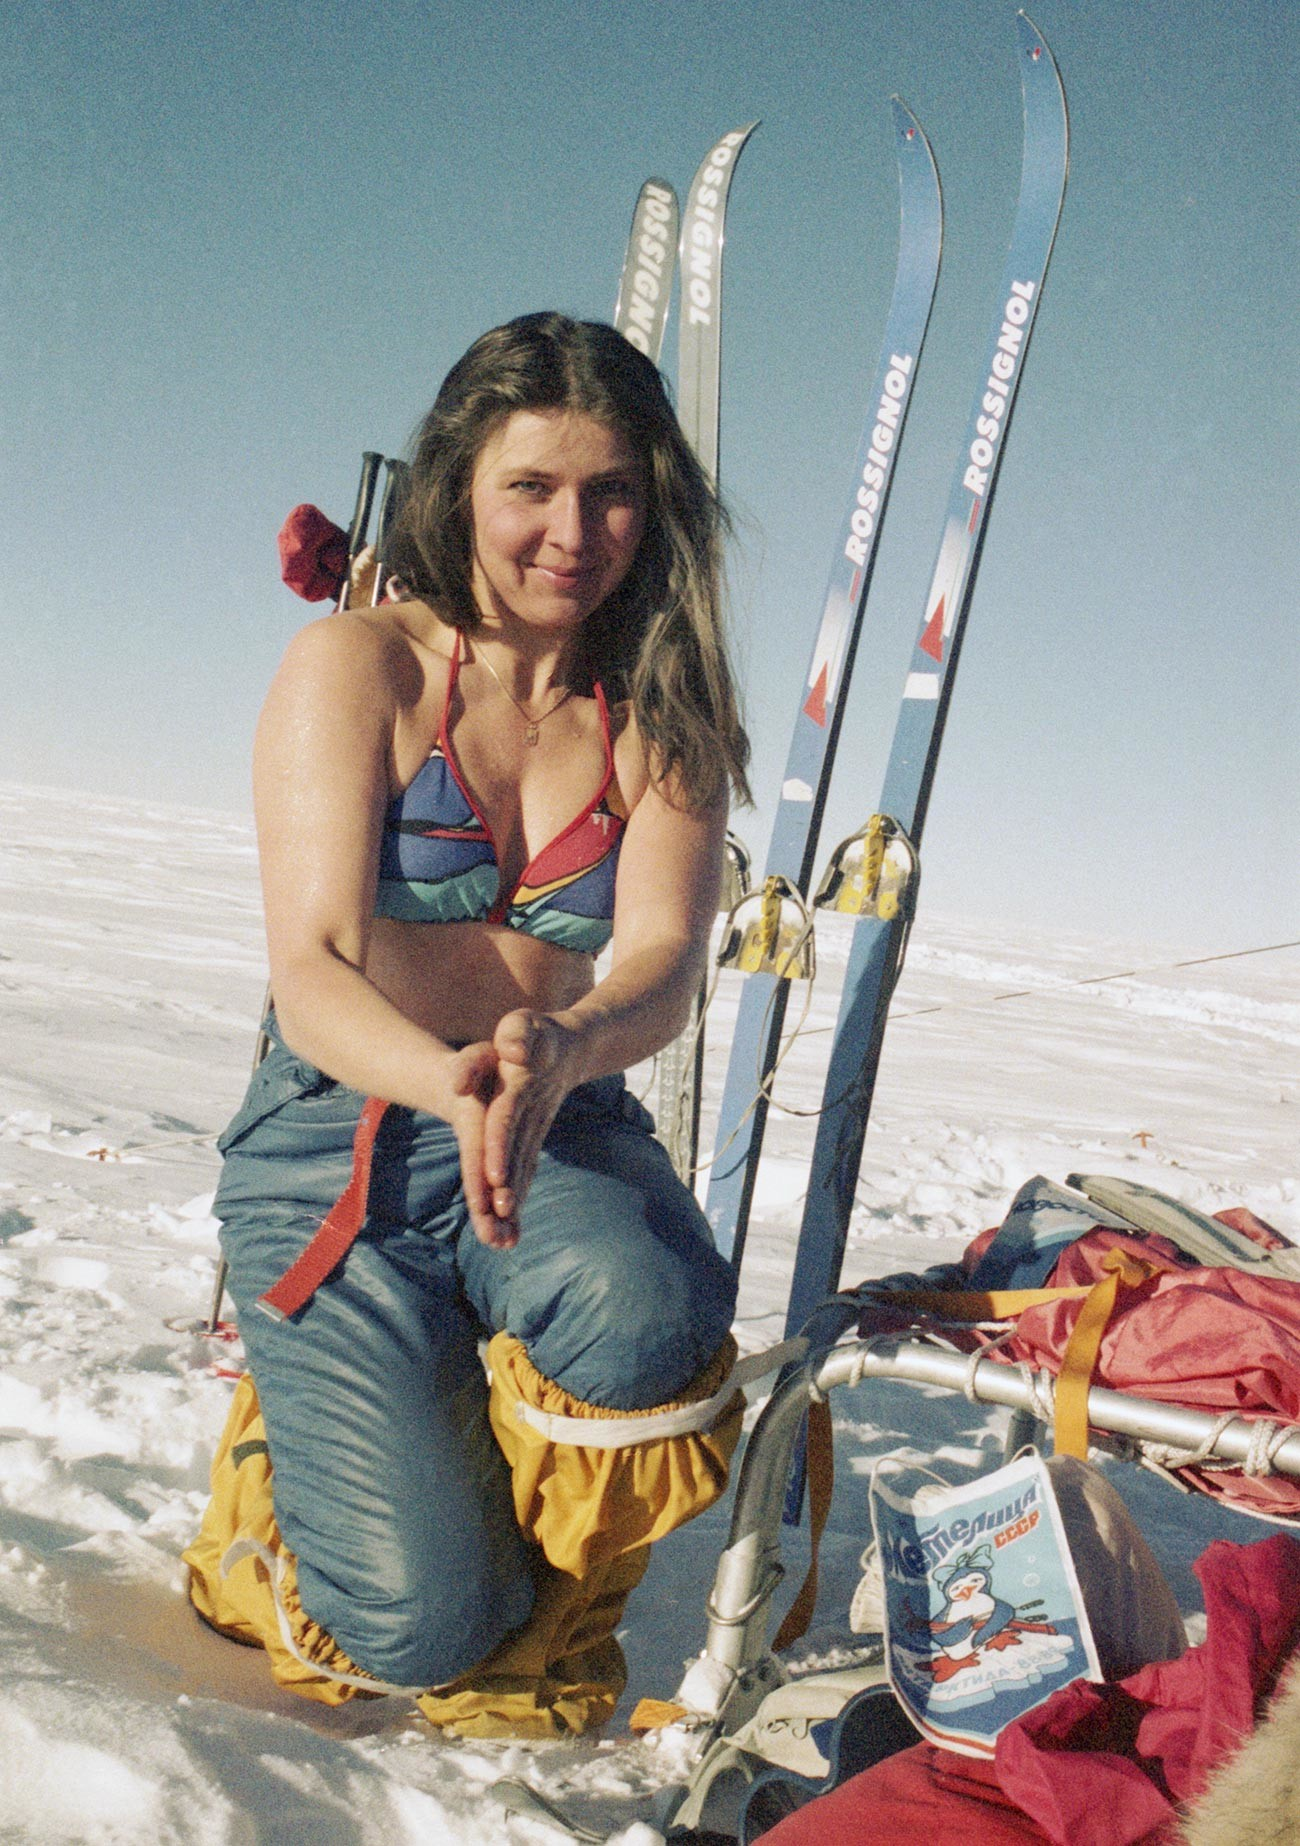 Una ragazza del team Metelitsa nell'Artico